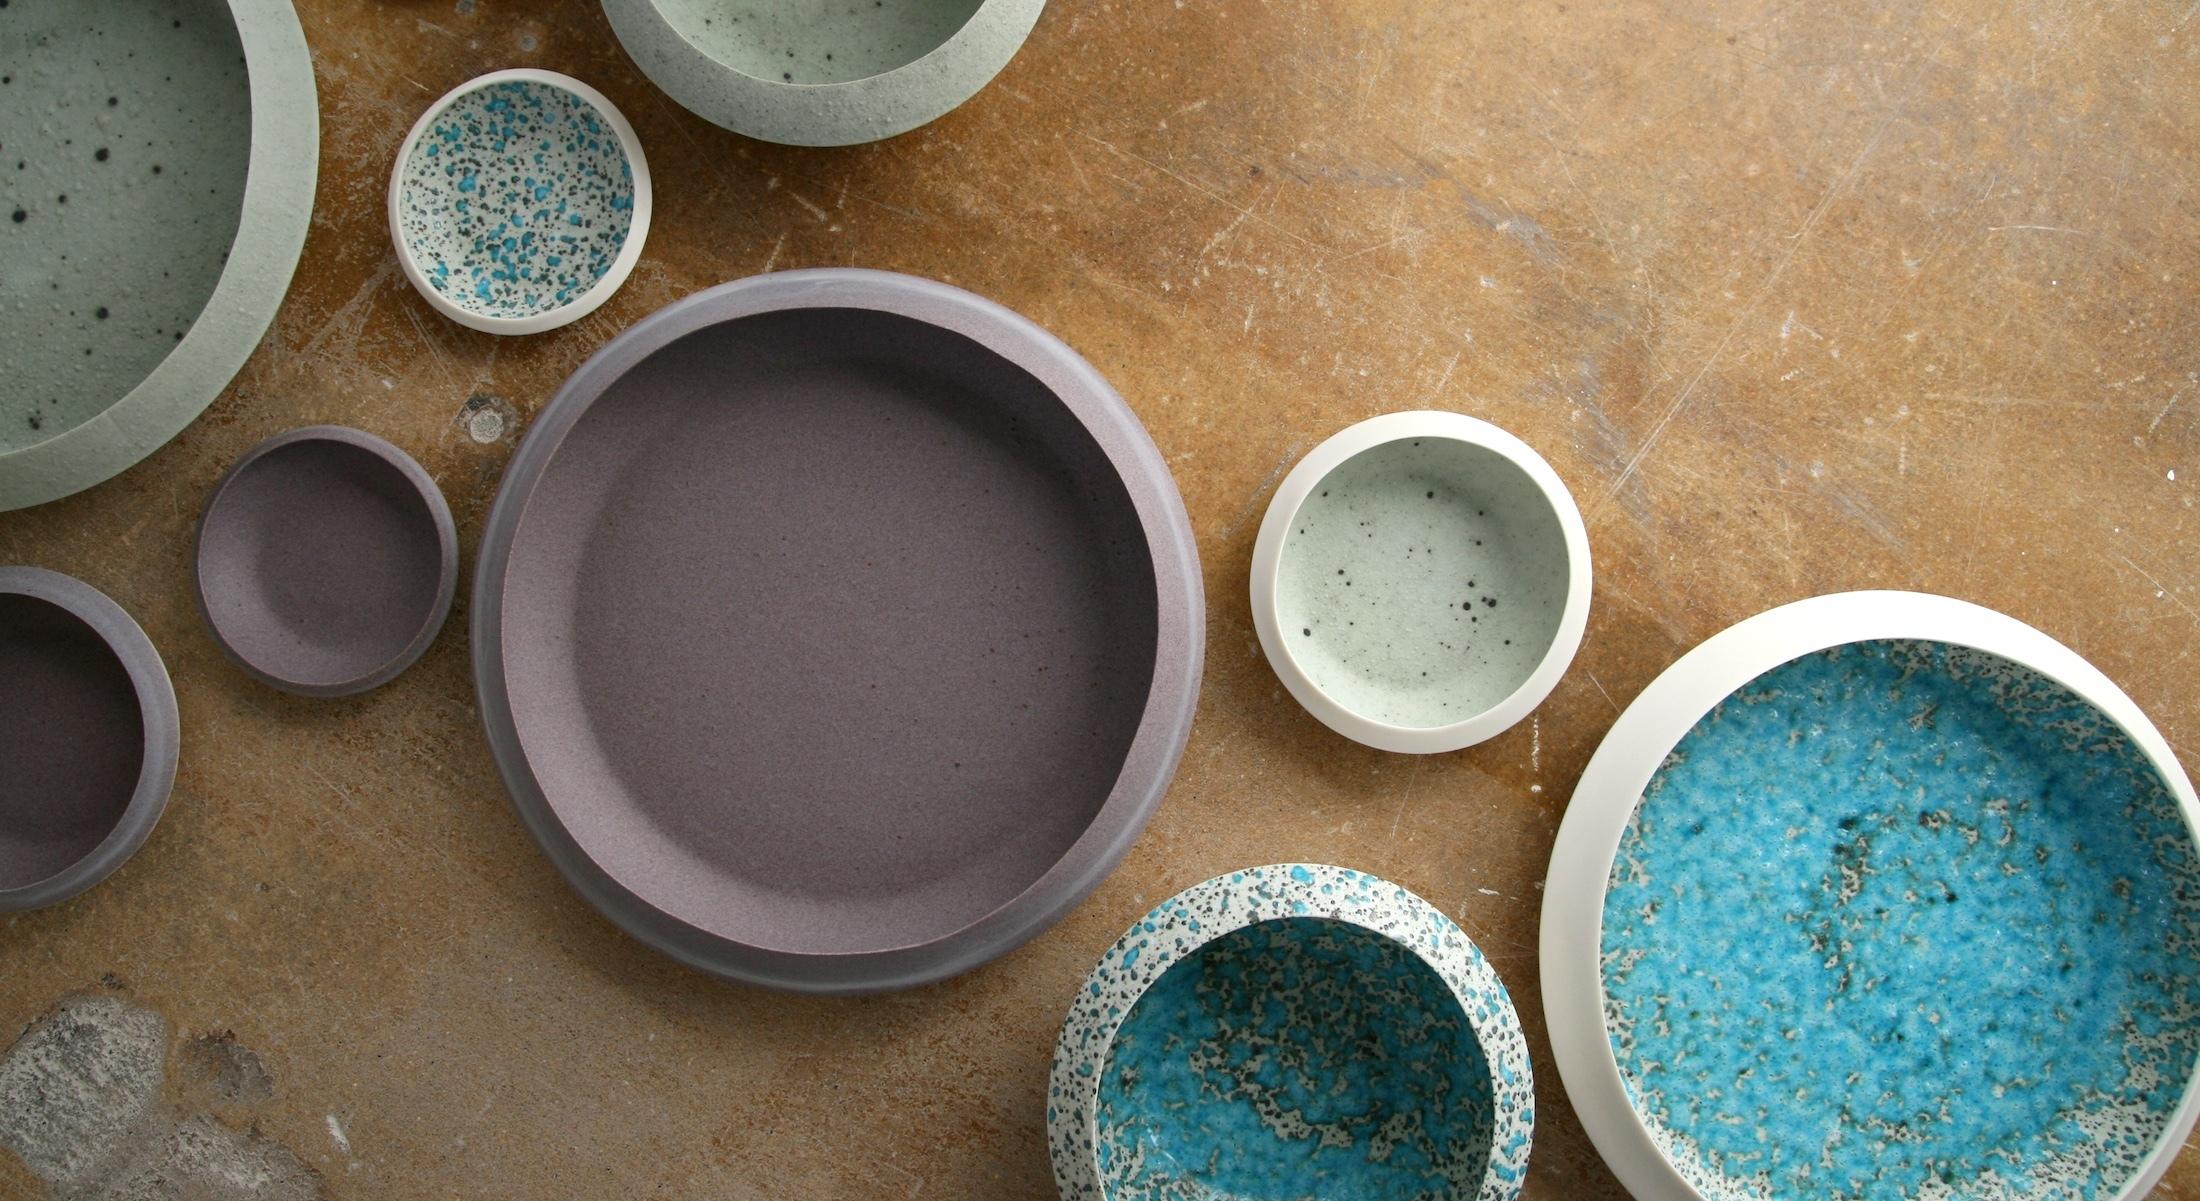 PORCELAIN+ bowls collection